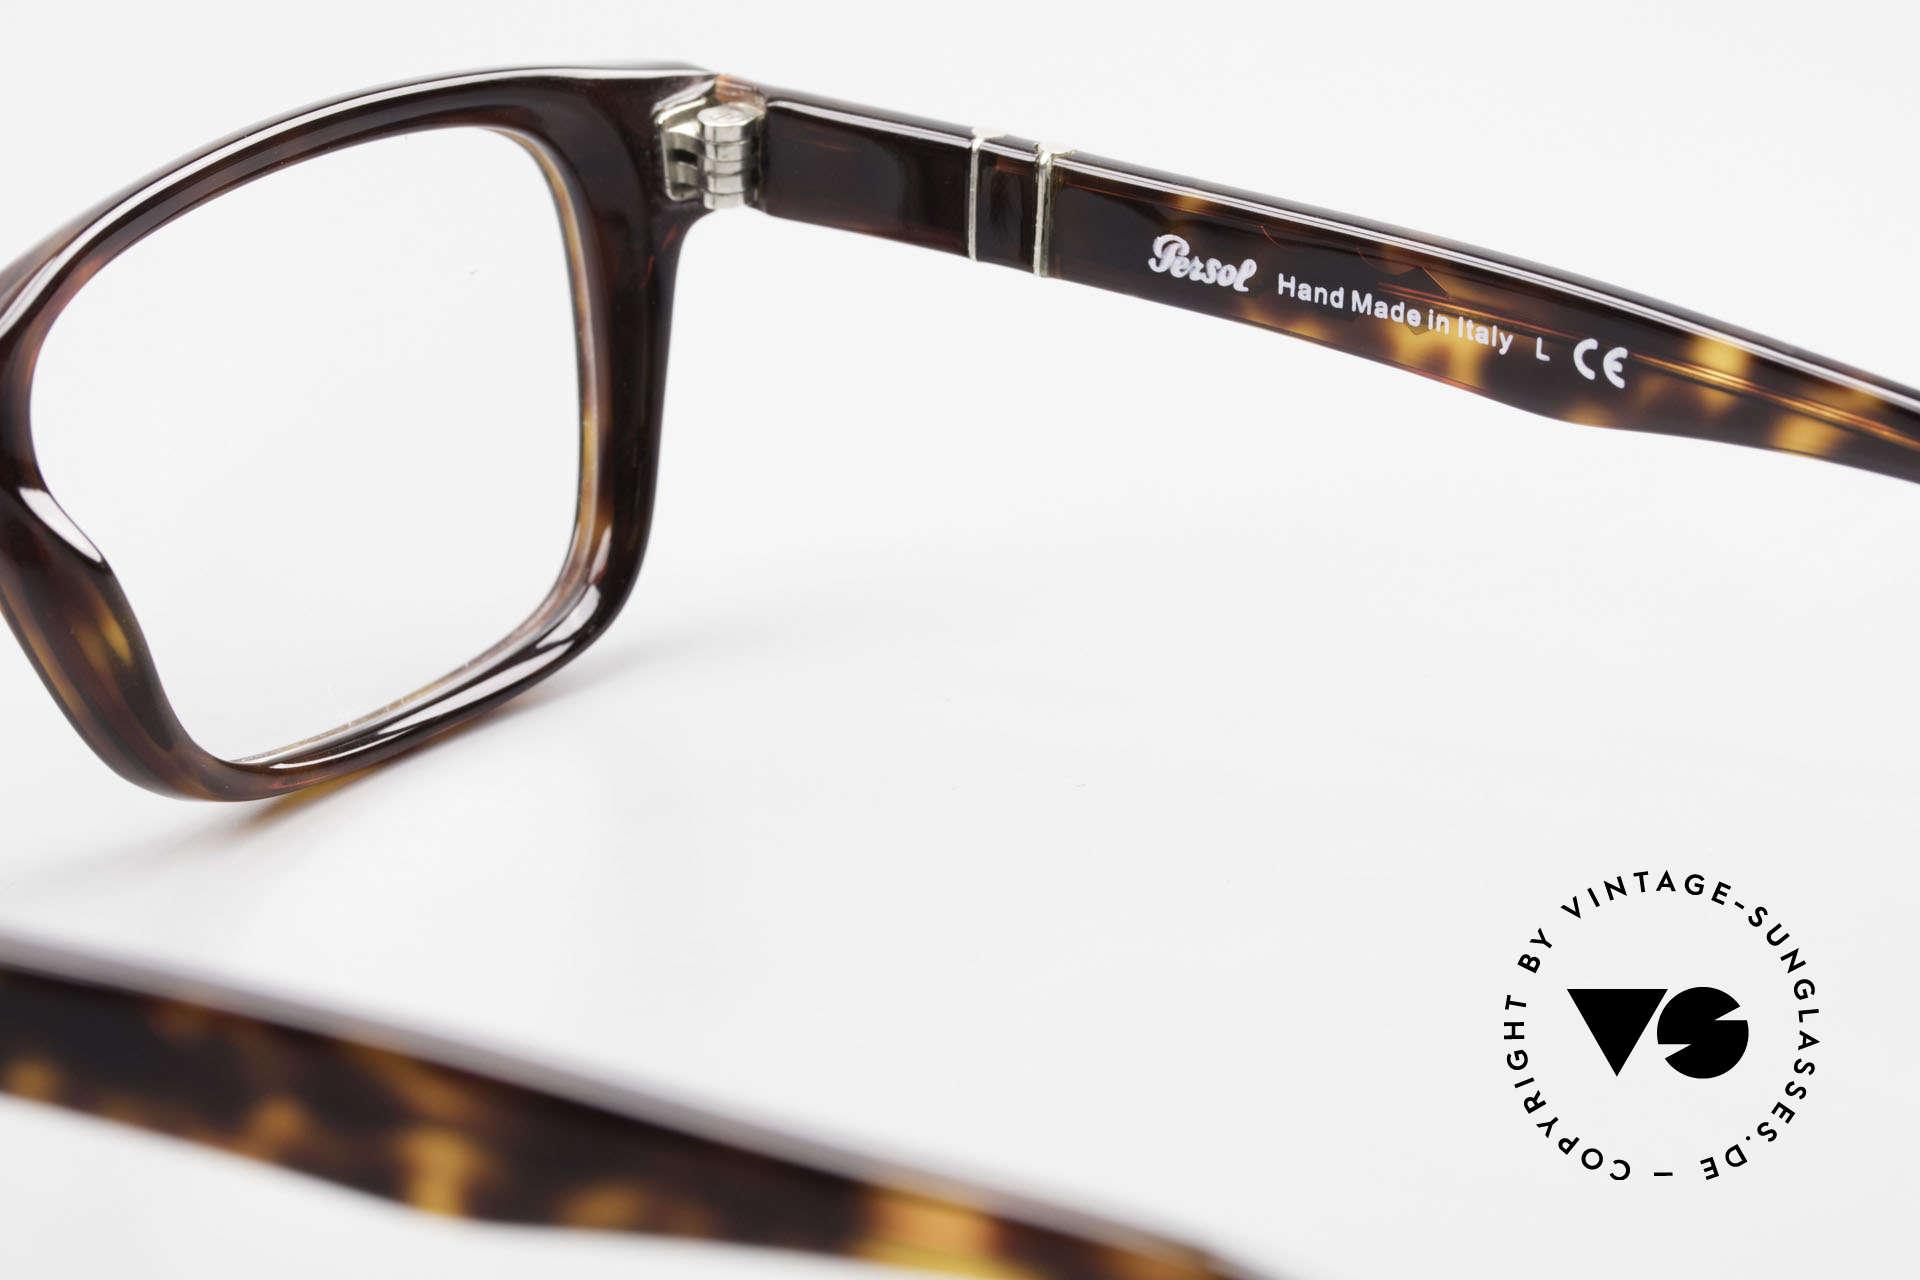 Persol 2895 Klassisch Zeitlose Unisex Brille, Rahmen ist beliebig verglasbar (optisch od. Sonne), Passend für Herren und Damen